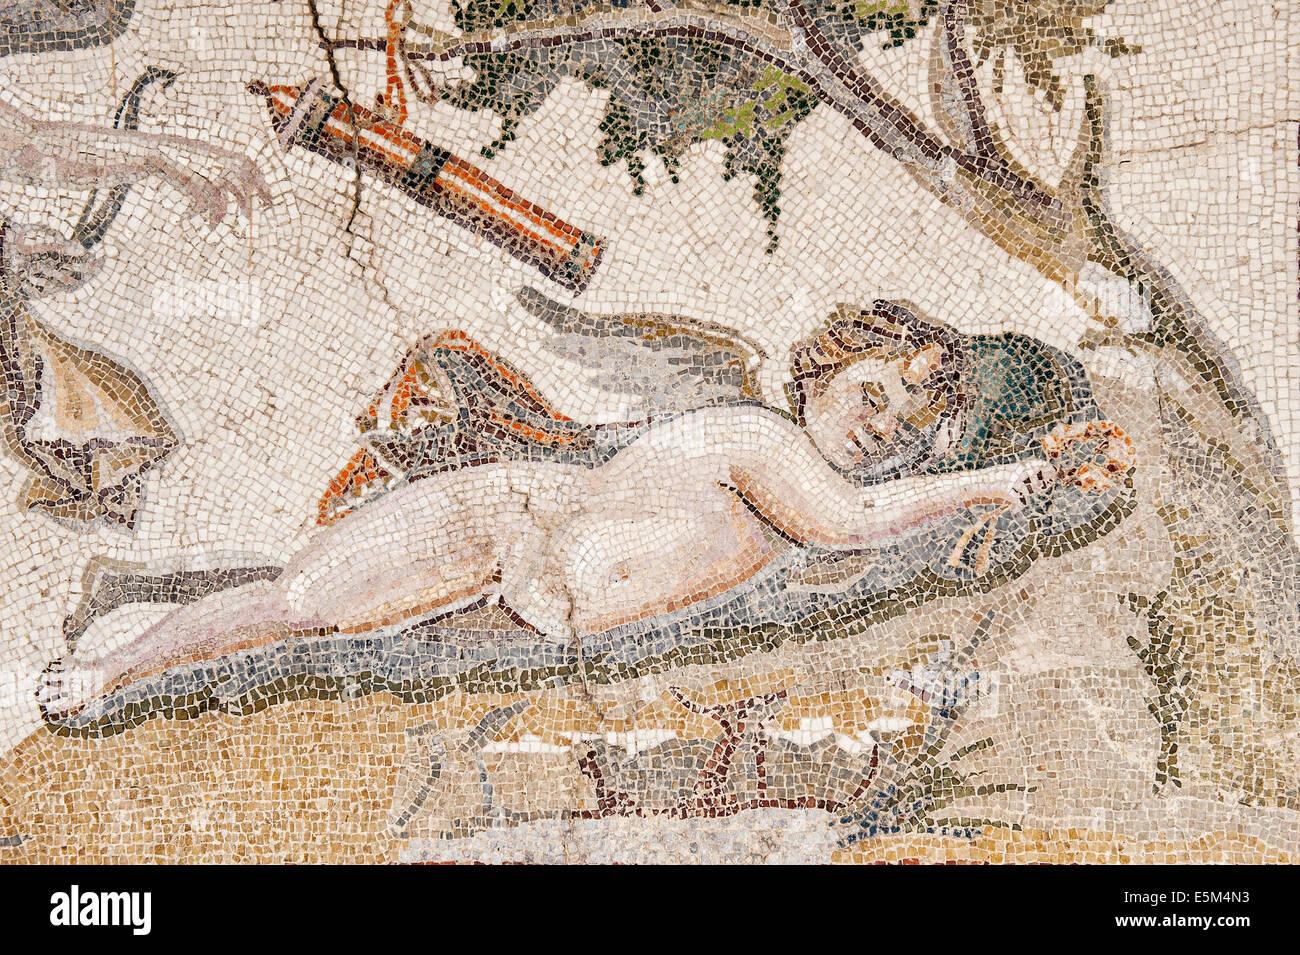 Éros et Psyché, 3e 100 A.C., Musée archéologique d'Hatay, Antioche, province de Hatay, dans le sud-ouest de la Turquie Banque D'Images